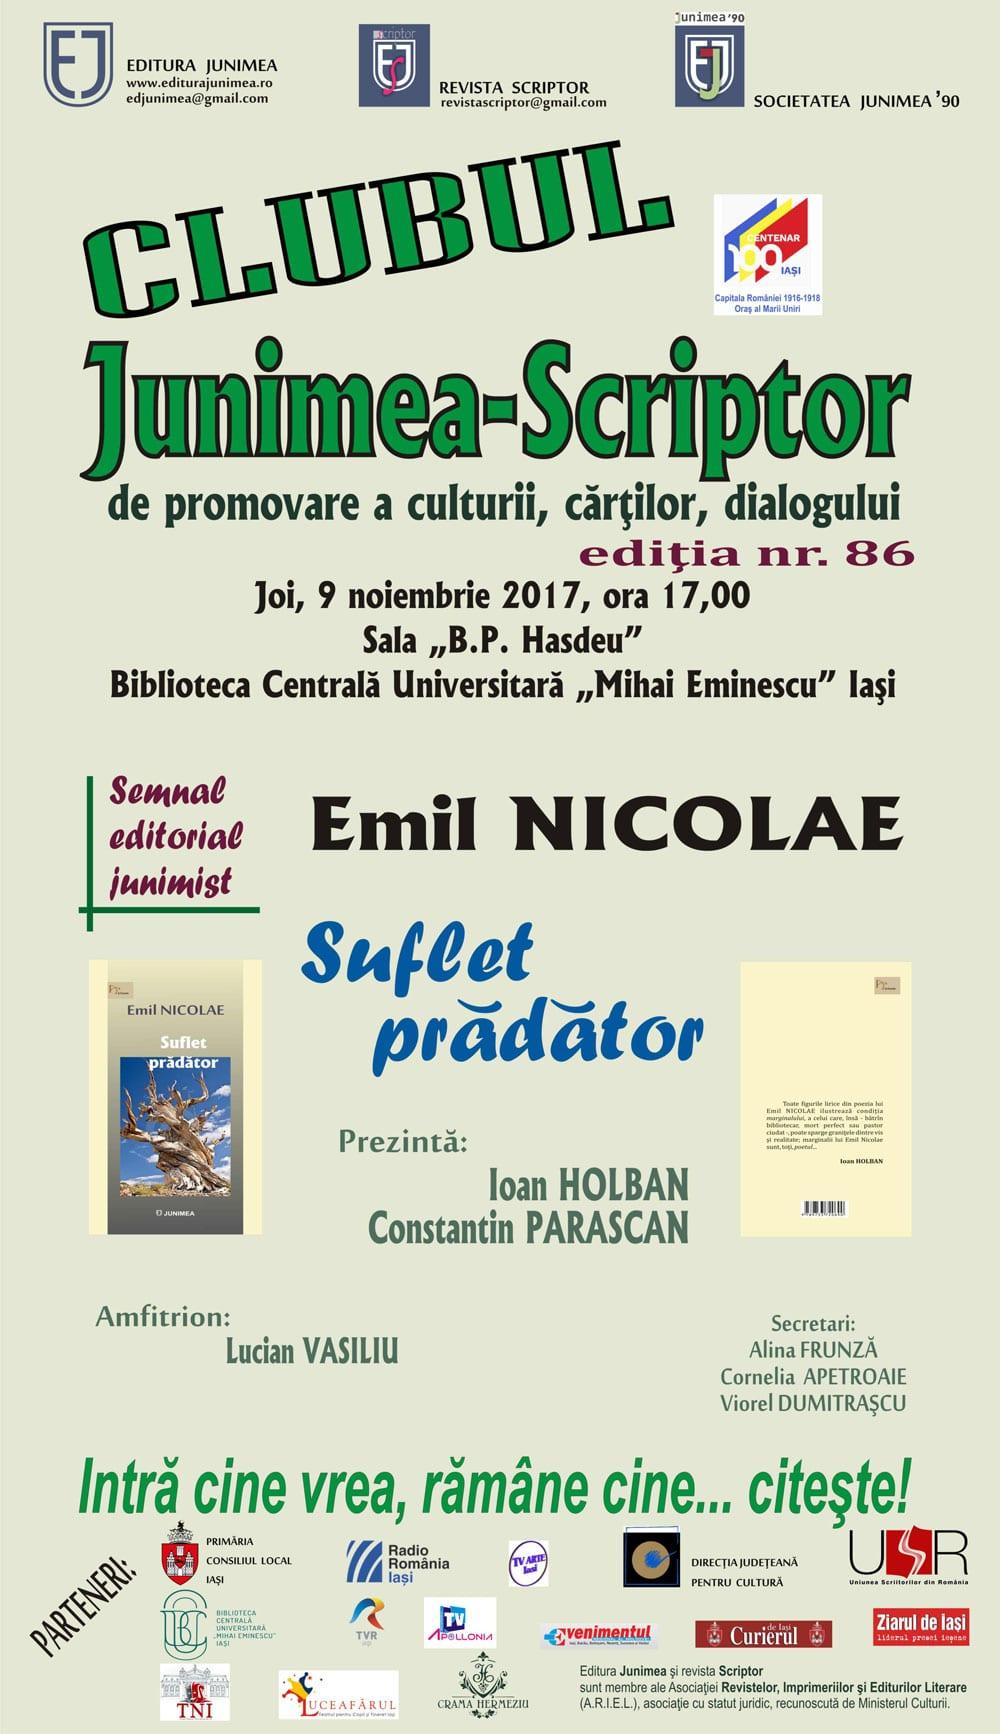 CLUBUL de lectură şi promovare JUNIMEA-SCRIPTOR